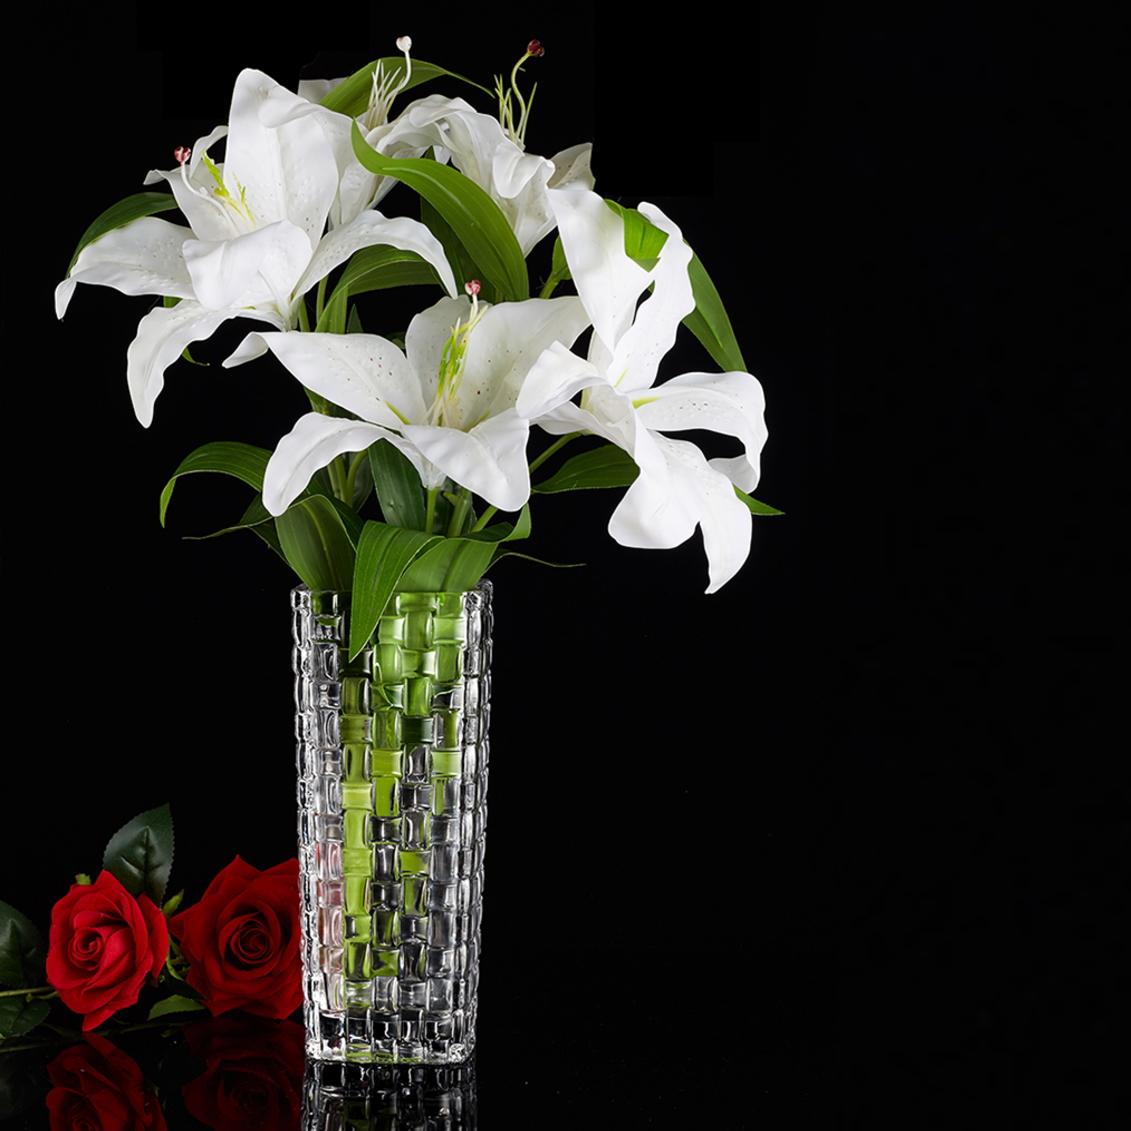 【対象商品ポイント15倍】【スーパーDEAL開催中】GMS01260 送料無料 【クリスタルガラス】 花瓶 大きな ガラス シンプル おしゃれ 大きい ギフト 大 HM-1216 【 GMS01260 】 【hween_d19】